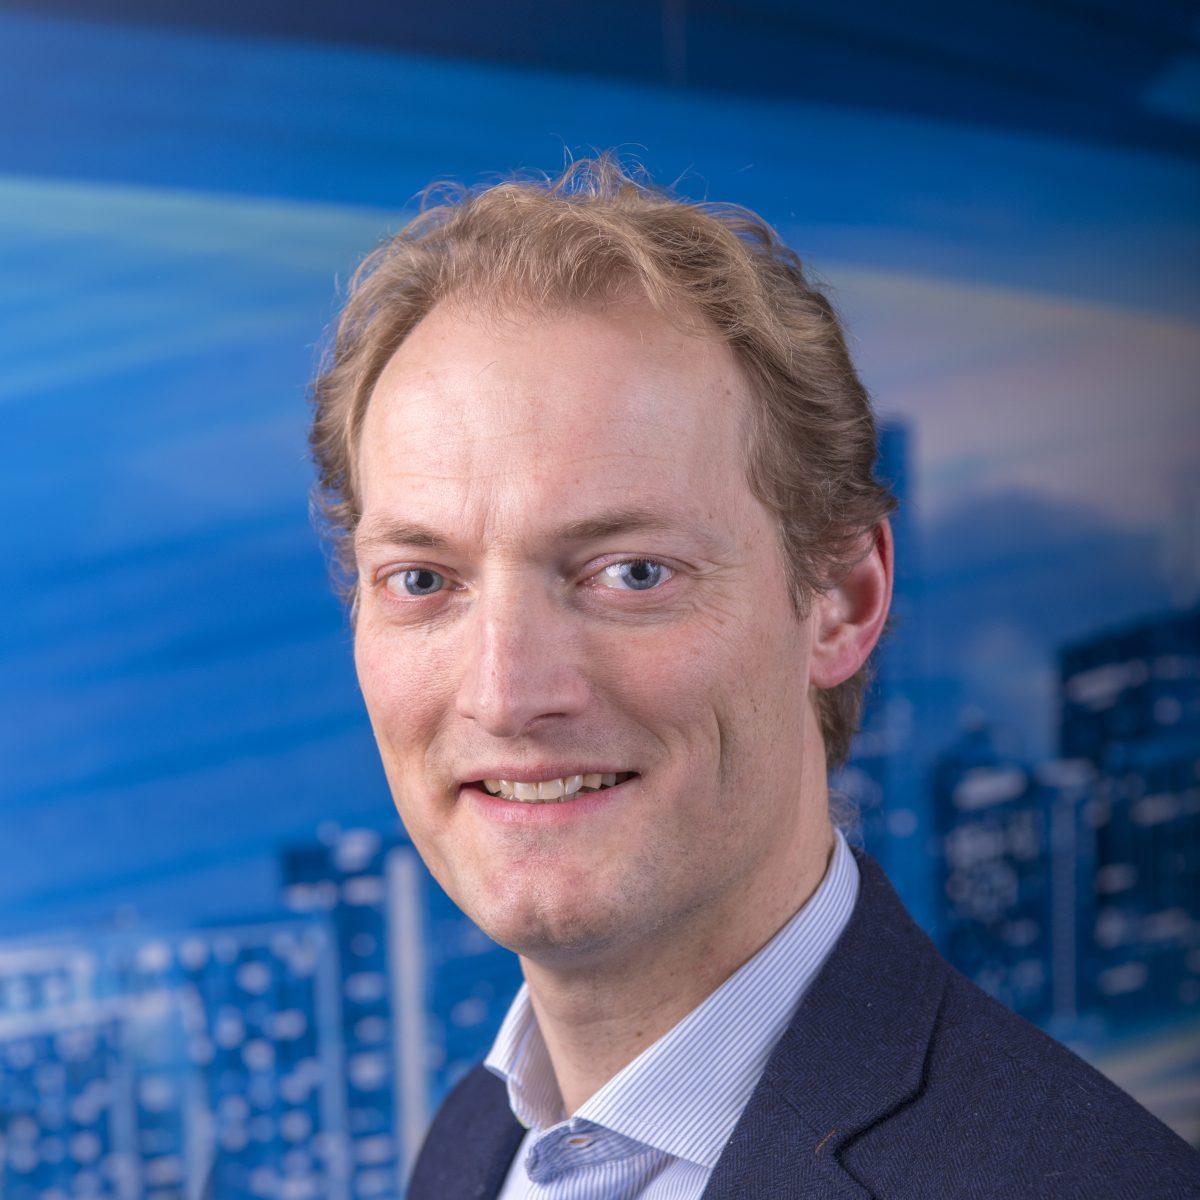 Robert Schouten